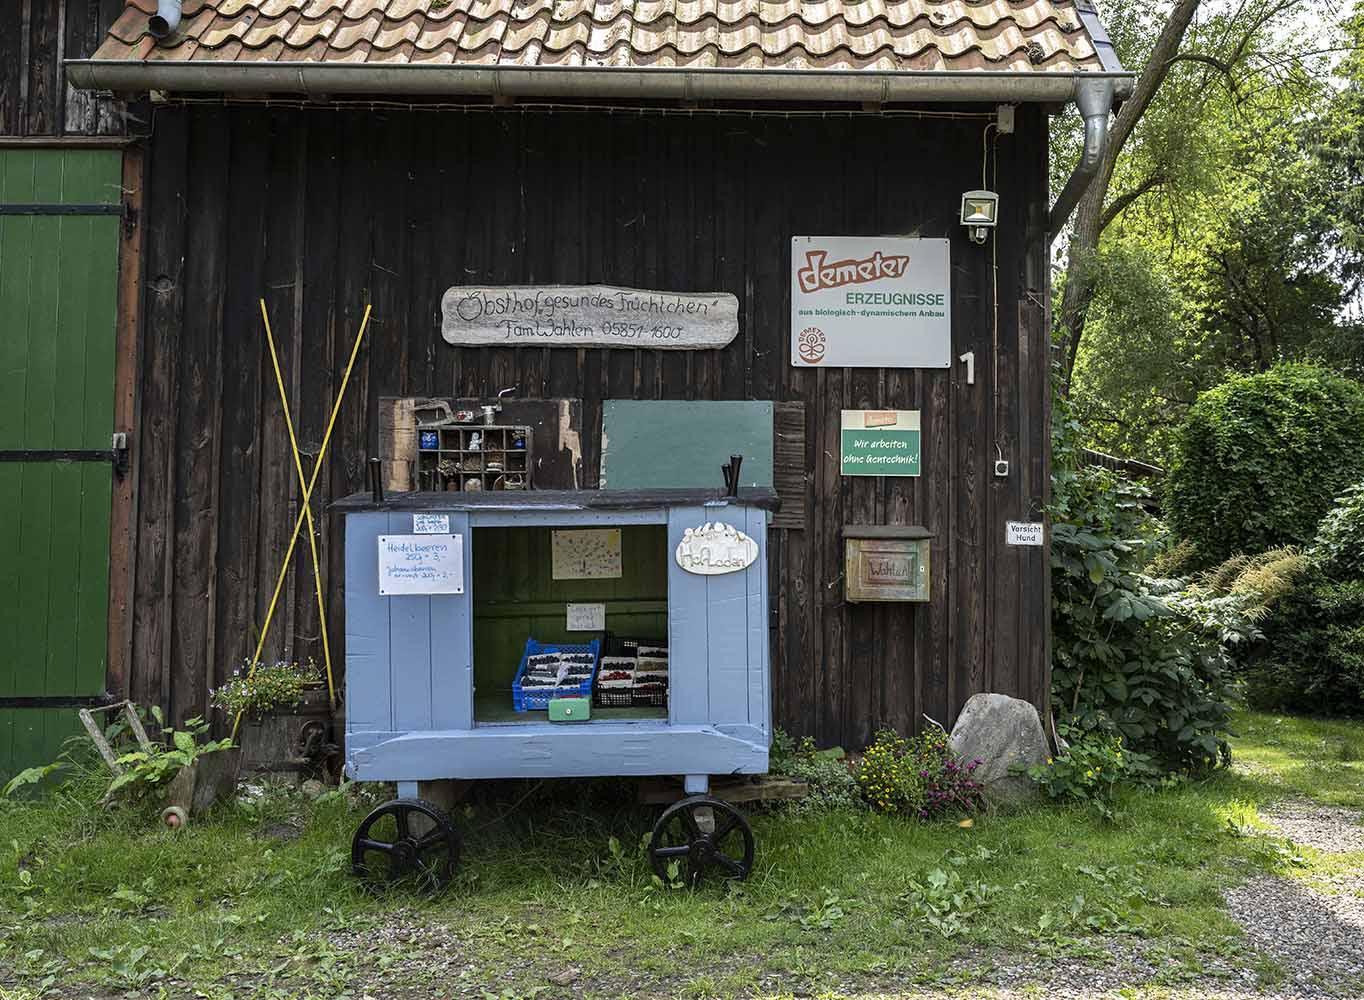 Der Eingang zum Obsthof Wahlen: Zu sehen ist eine umgebaute Hudnehütte, die Birgit und Hinrich Wahlen als kleiner Hofladen dient.